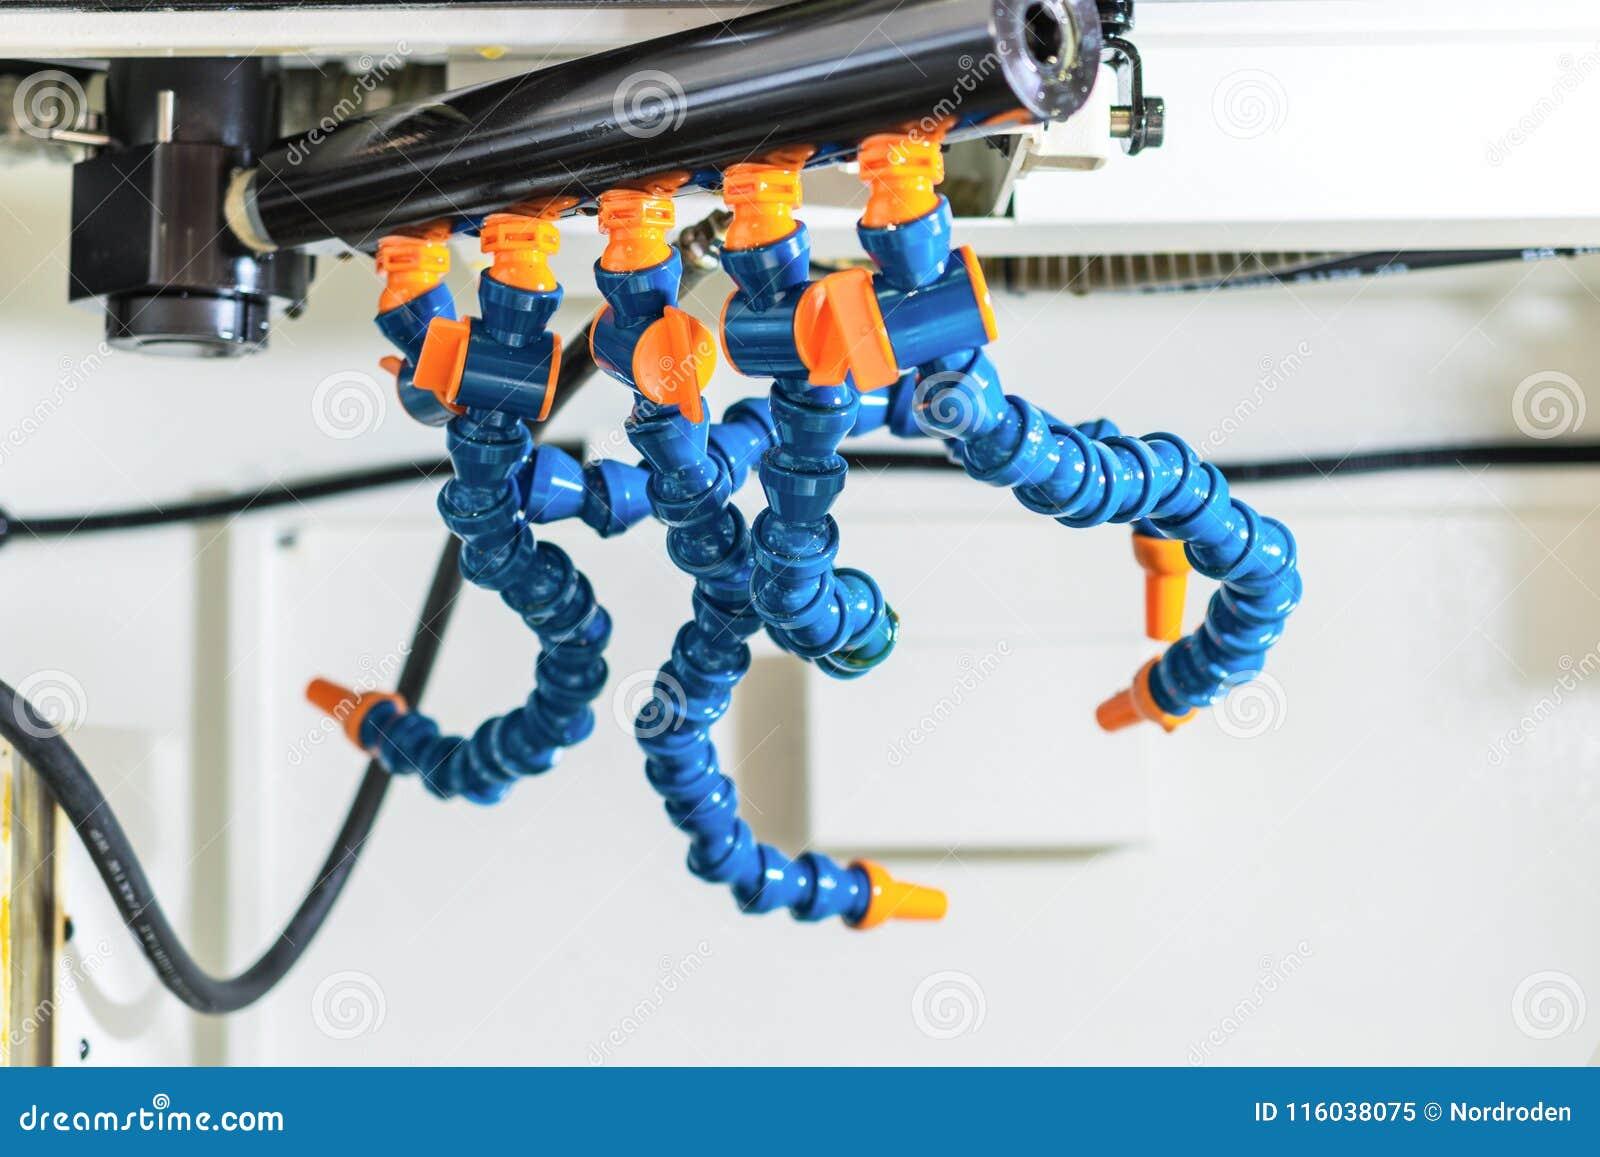 Tube en plastique pour le liquide réfrigérant fournisseur à l outil de coupe